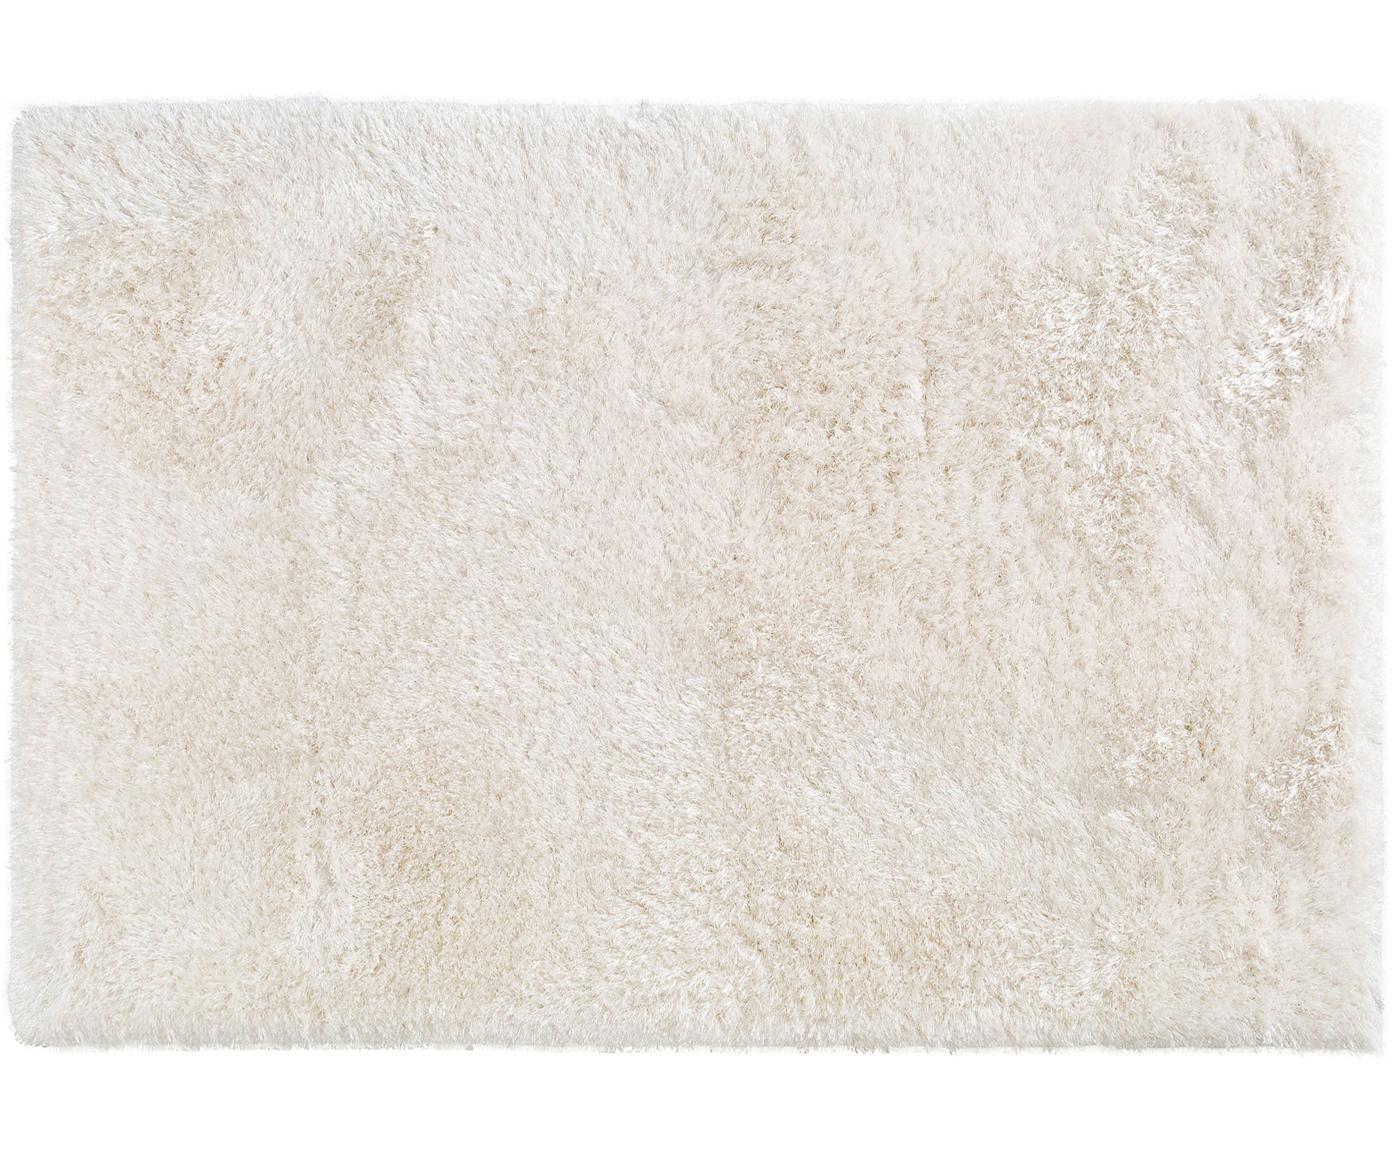 Dywan z wysokim stosem Lea, 50% poliester, 50% polipropylen, Biały, S 140 x D 200 cm (Rozmiar S)